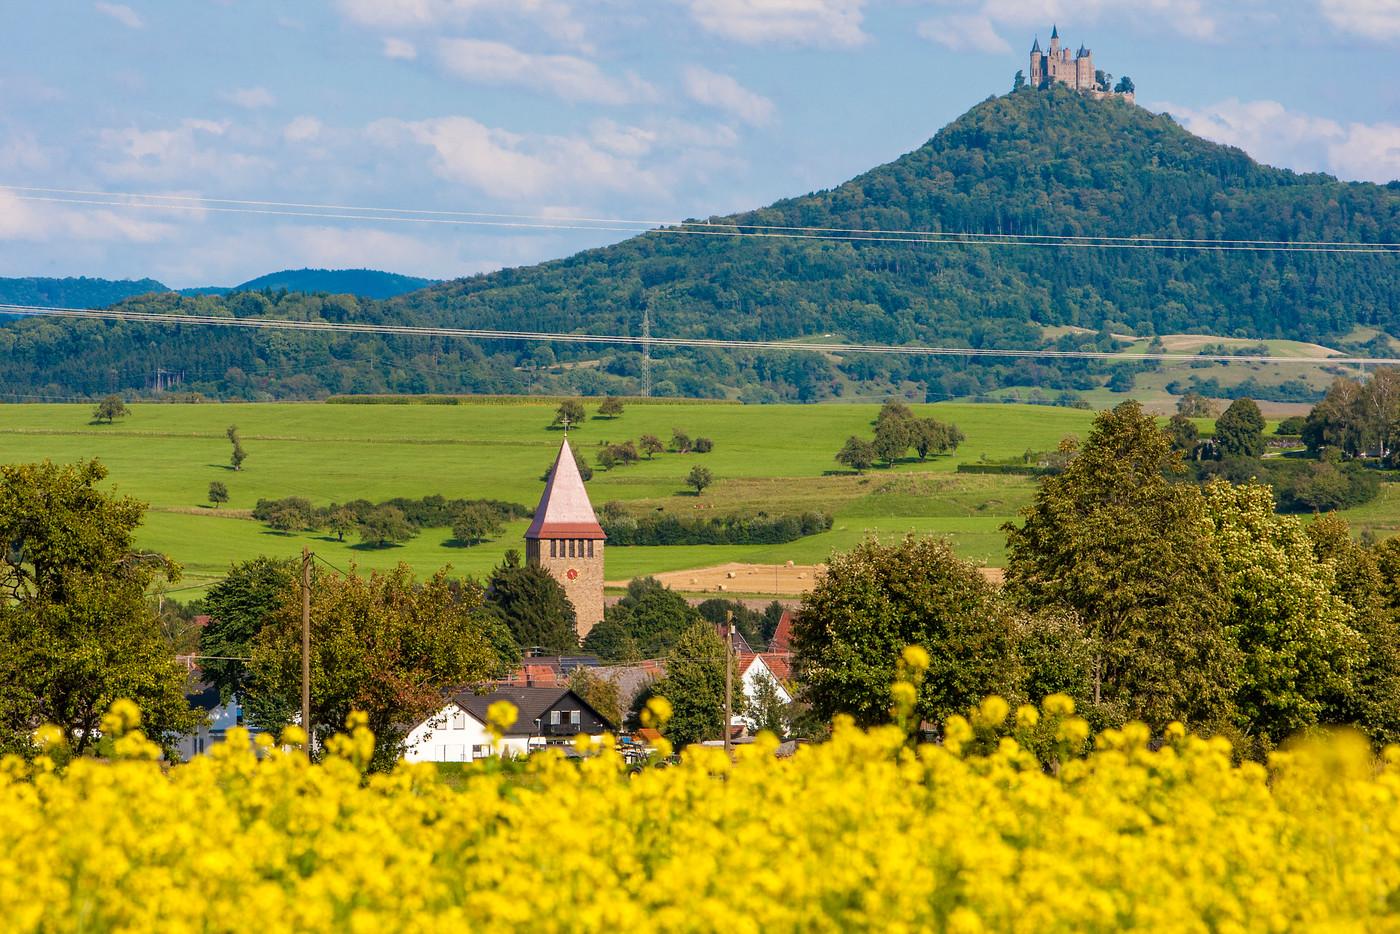 Blick auf Burg Hohenzollern mit Grosselfingen im Vordergrund